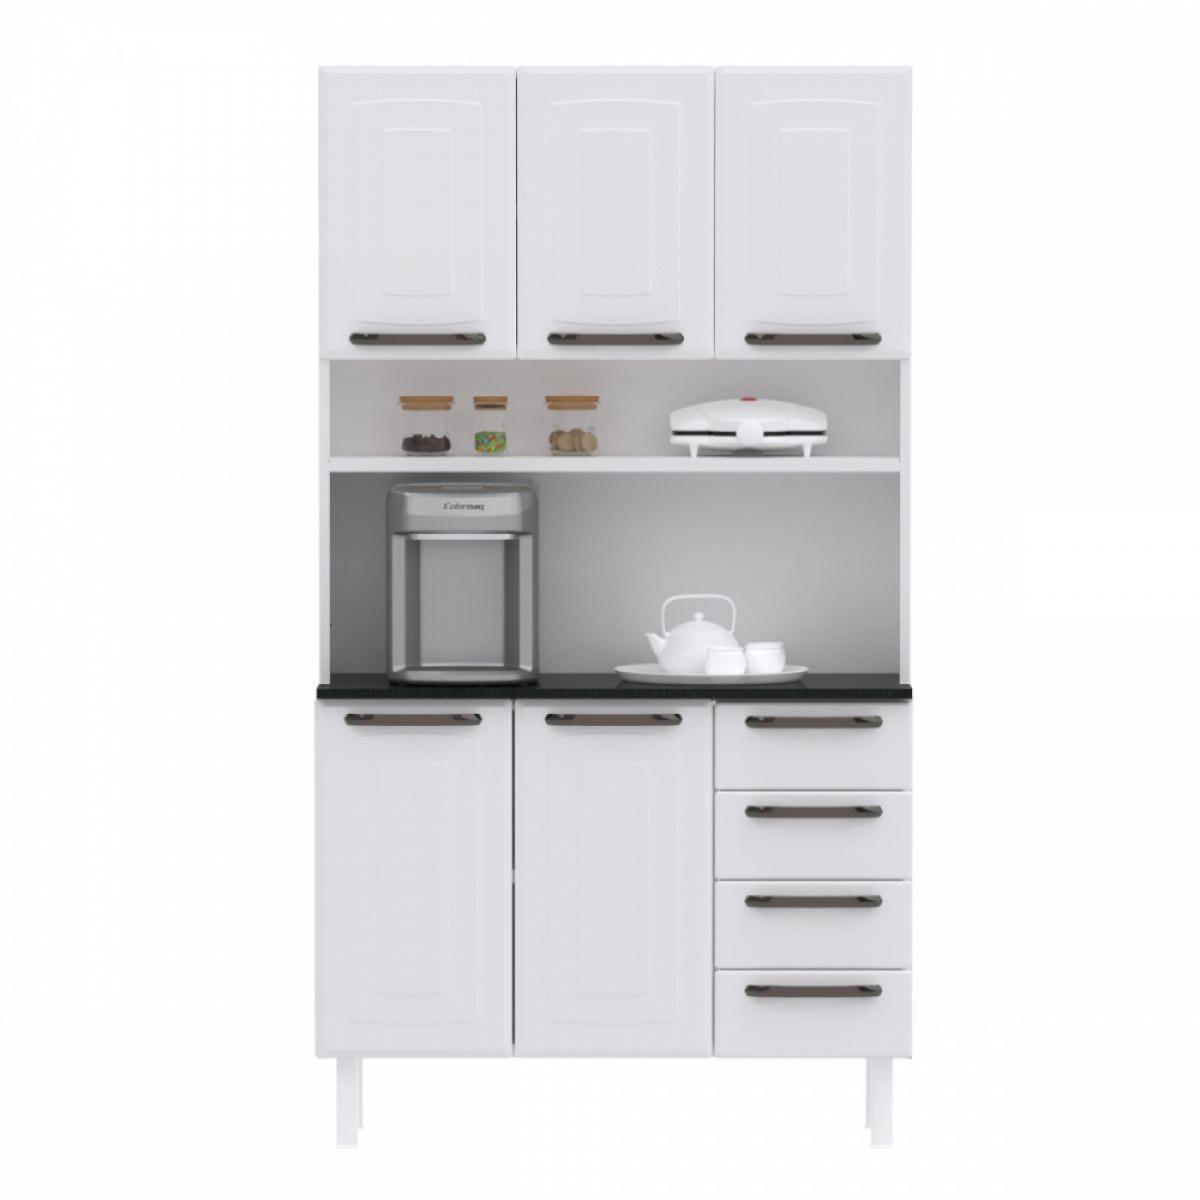 Kit de Cozinha Colormaq Titanium 5 Portas, 4 Gavetas em Aço {{add_nome}}